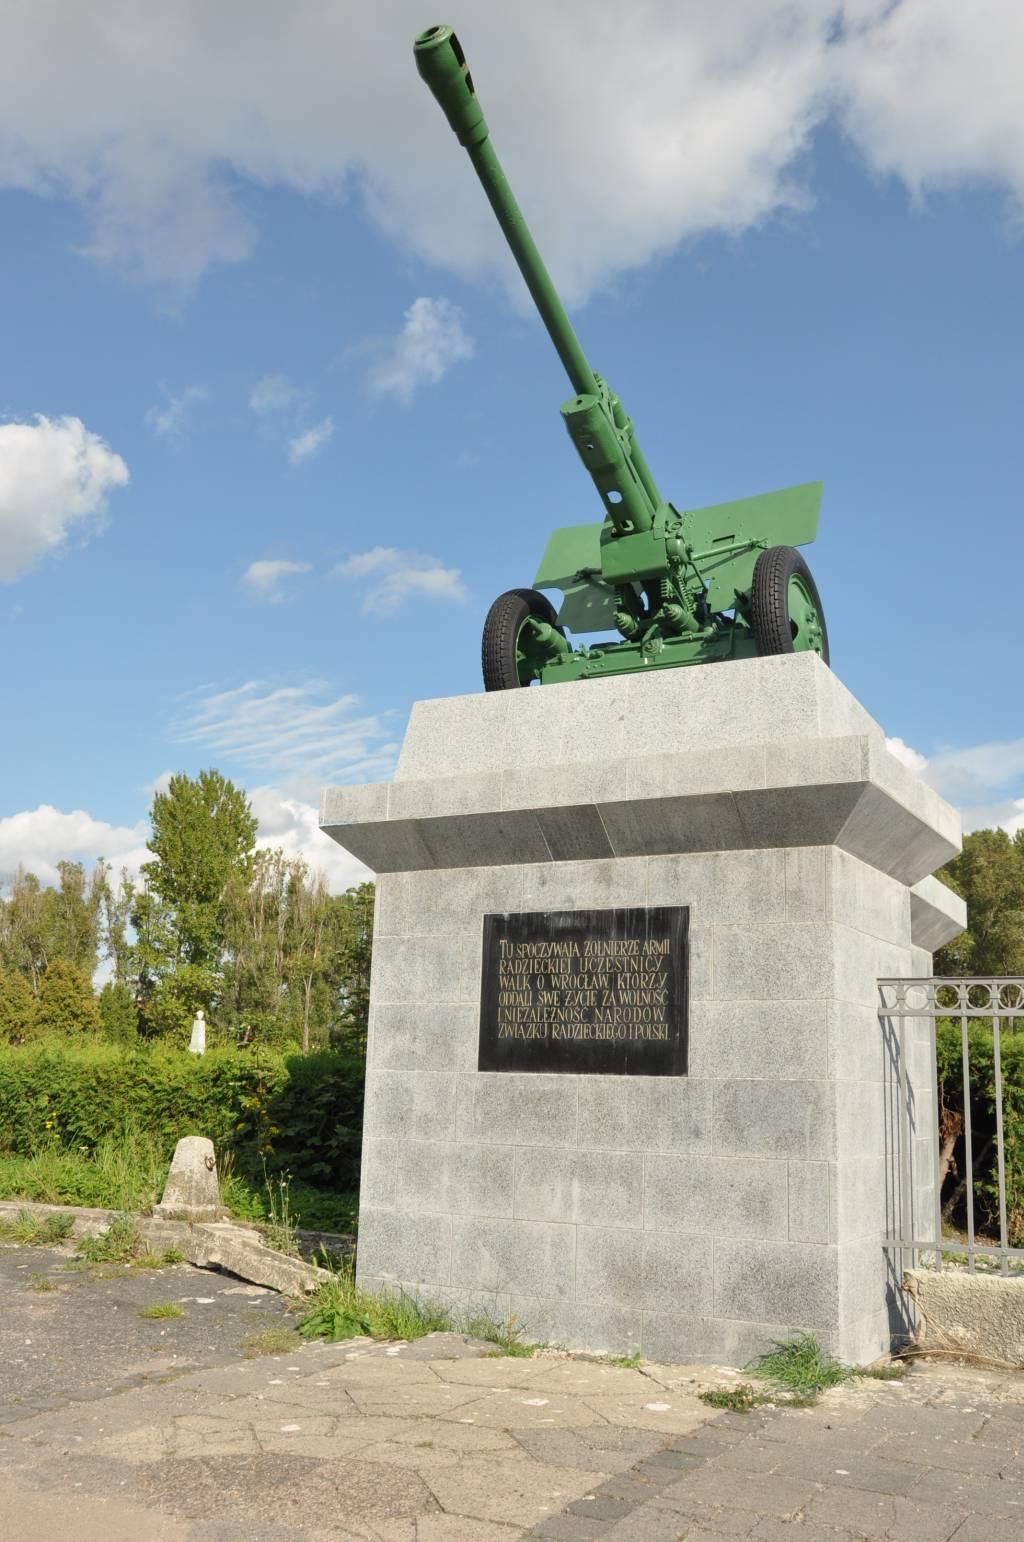 Halbica radziecka, cmentarz zolnierzy radzieckich, Wroclaw